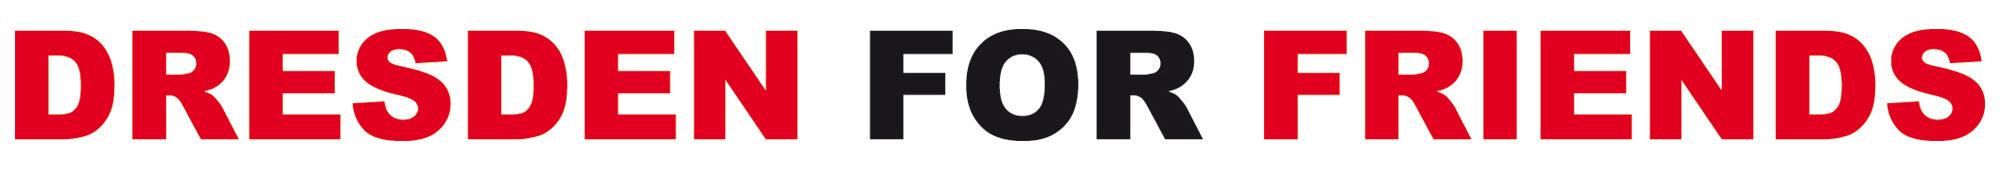 DDFF_Logo-170